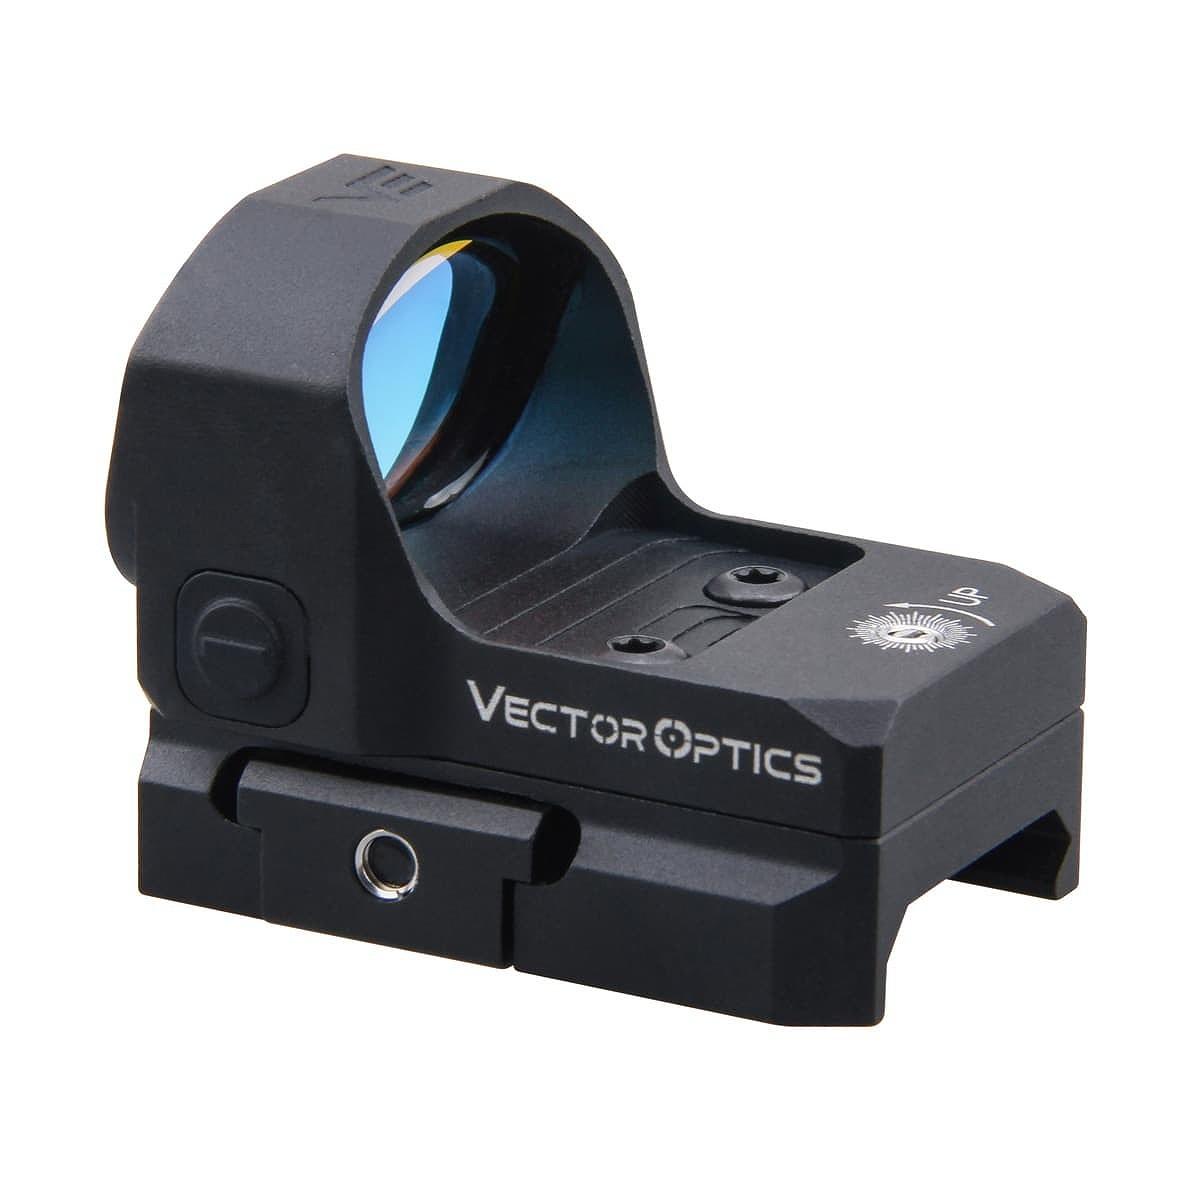 ベクターオプティクス ドットサイト Frenzy 1x20x28  Vector Optics SCRD-35